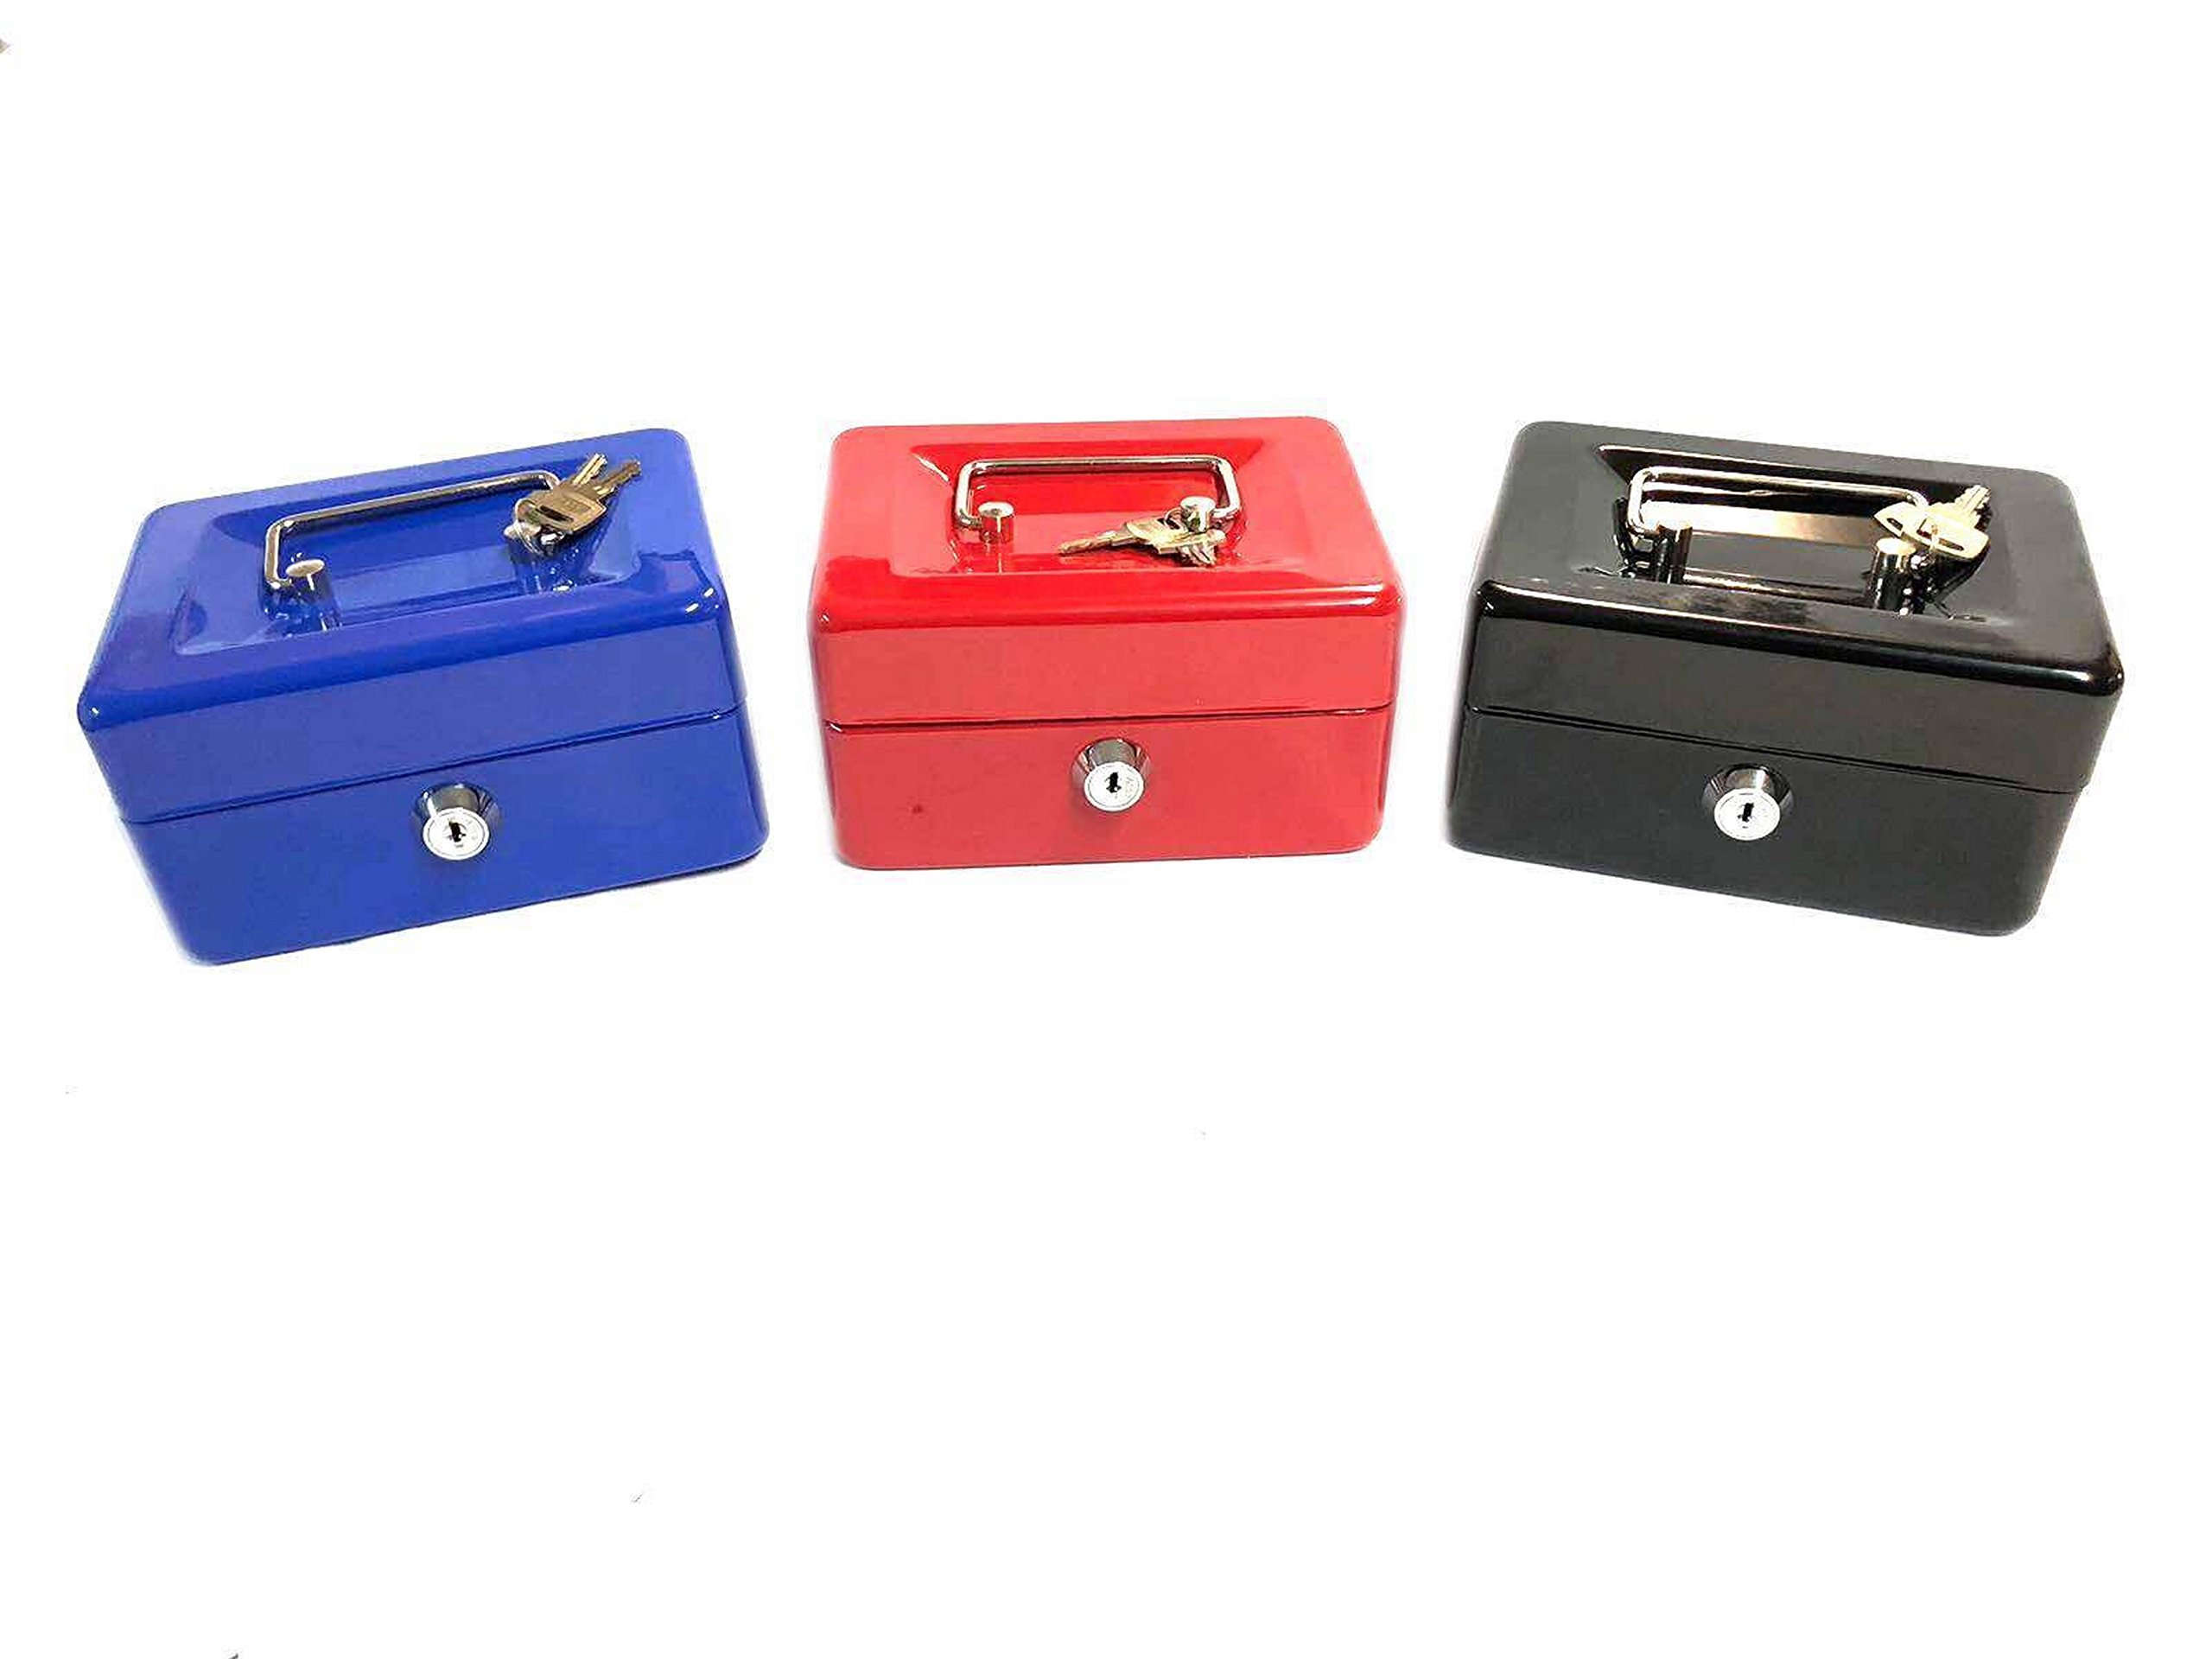 Pequeña caja Metal bloqueo con llave para Espèces con mango de acero – 6